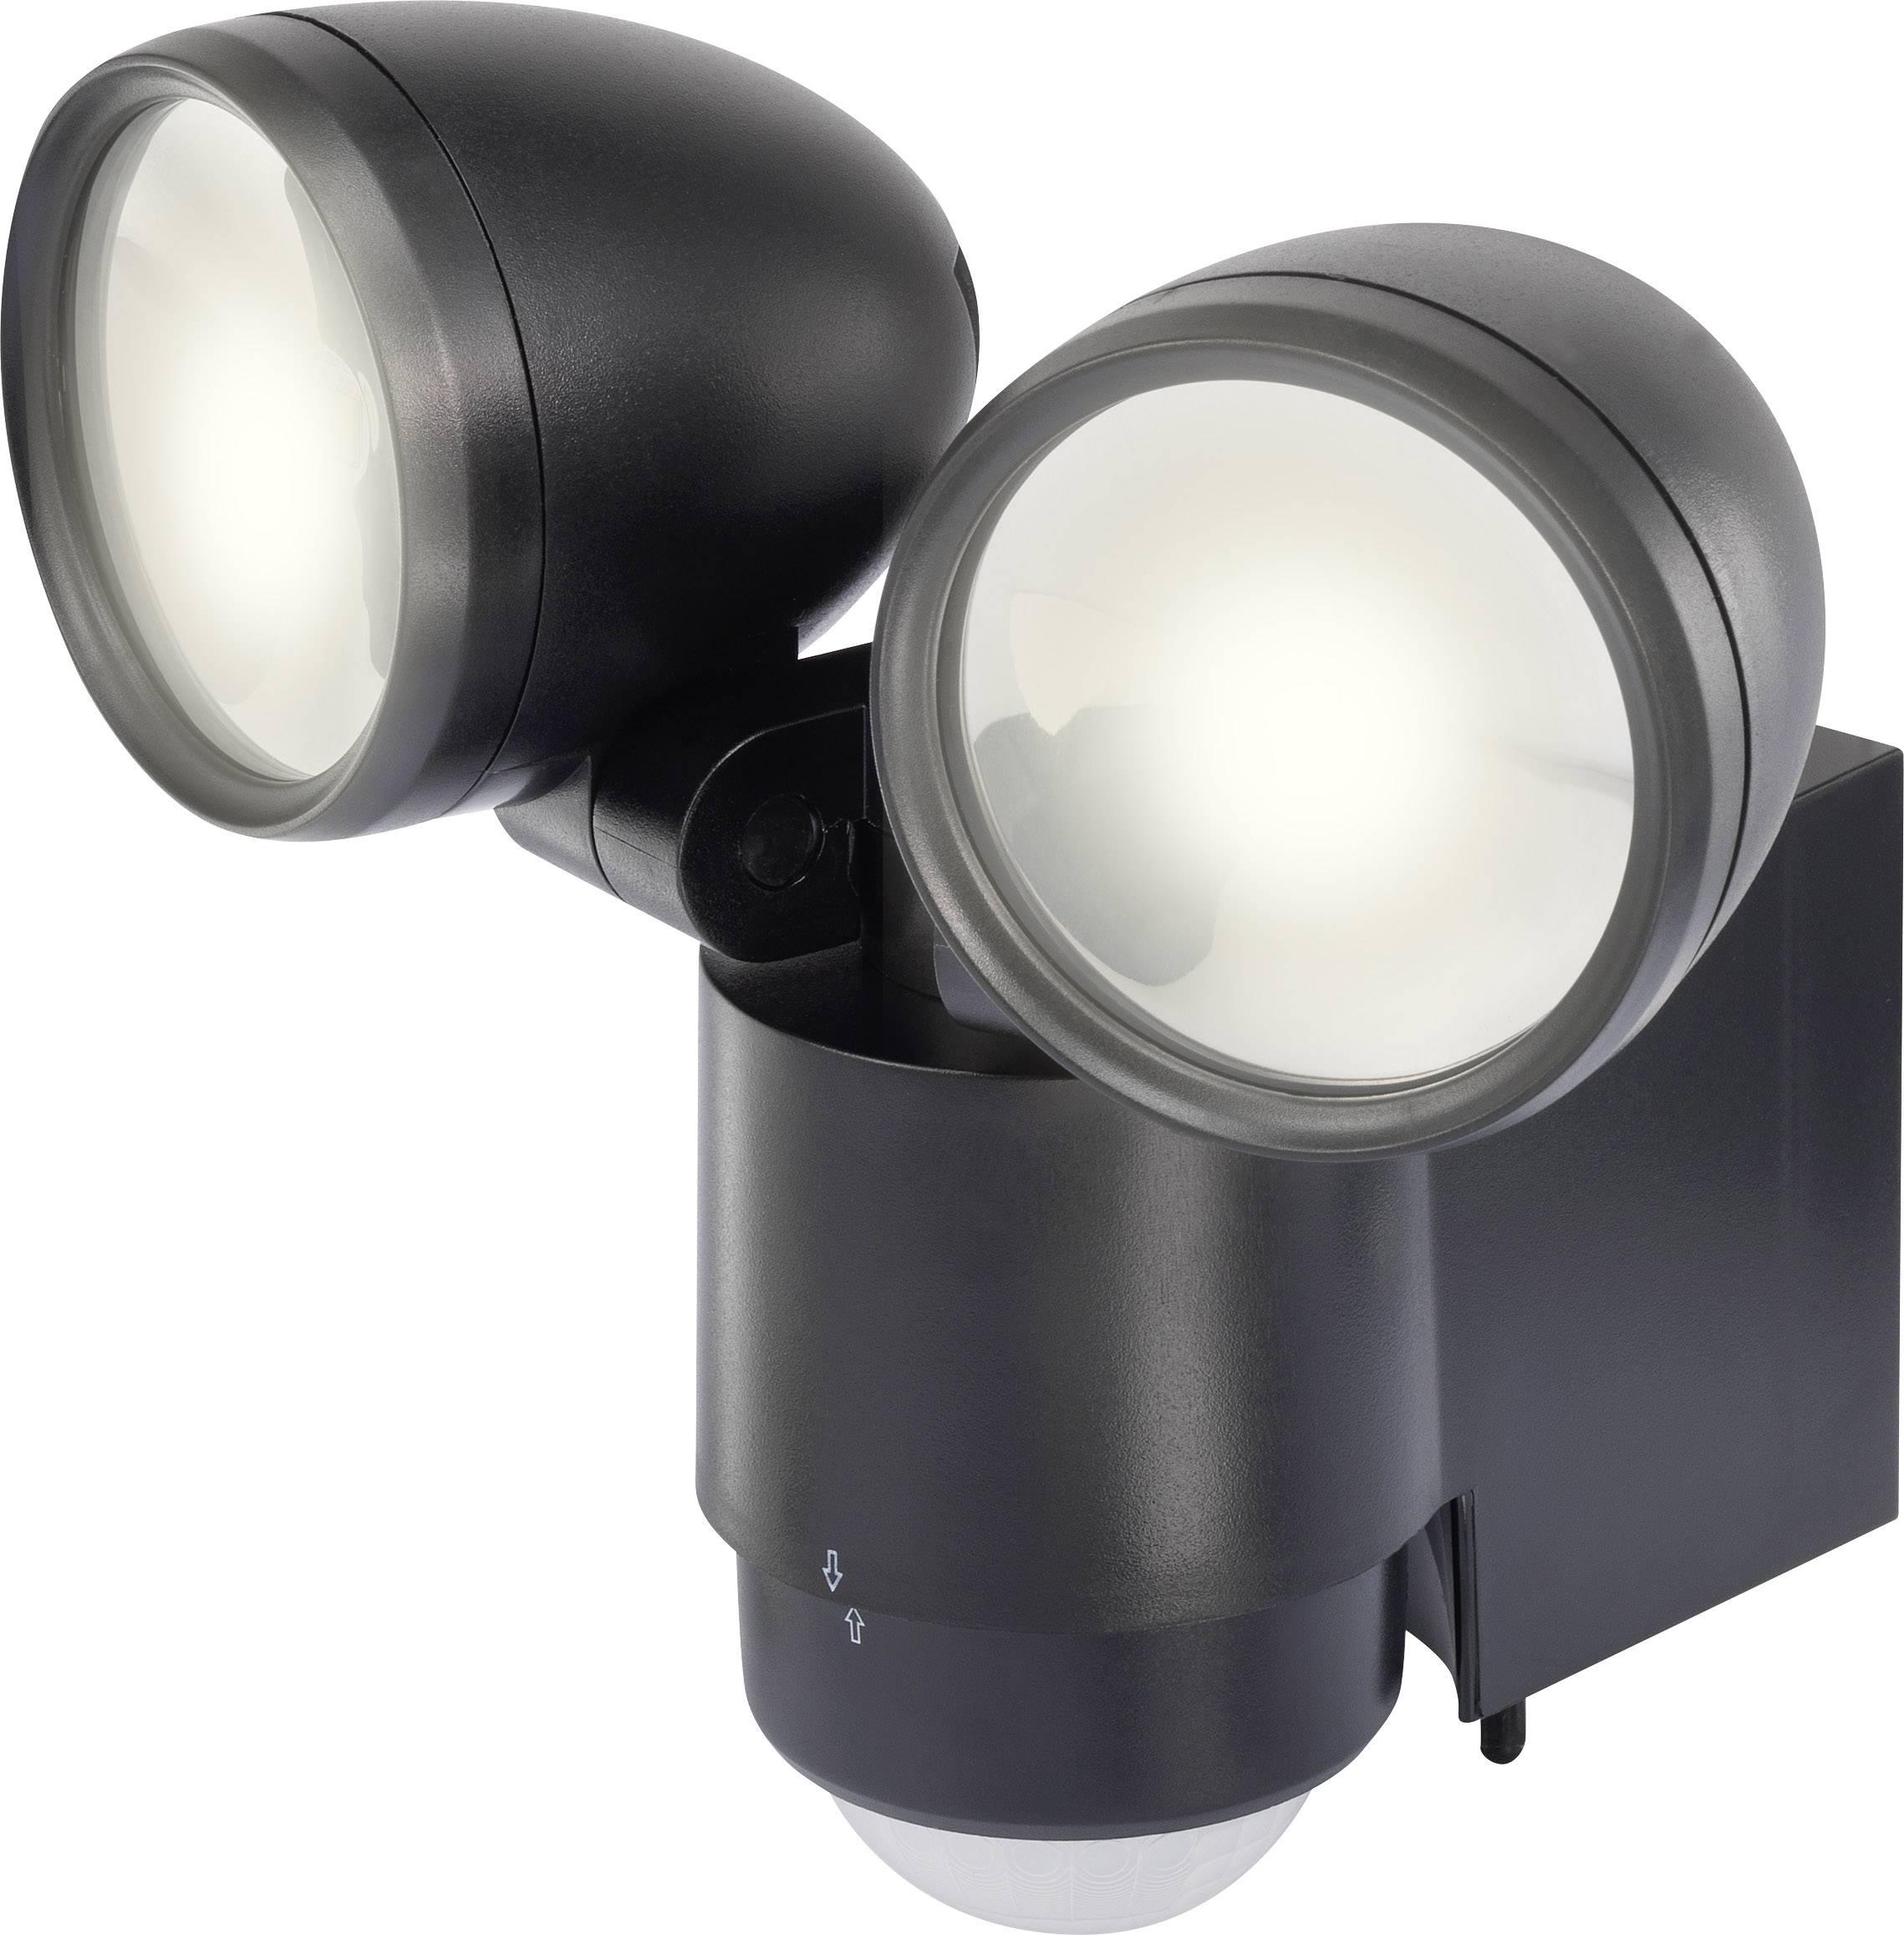 LEDvonkajšieosvetlenie s PIR senzorom 10 W denné svetlo Renkforce Cadiz 1432725 čierna